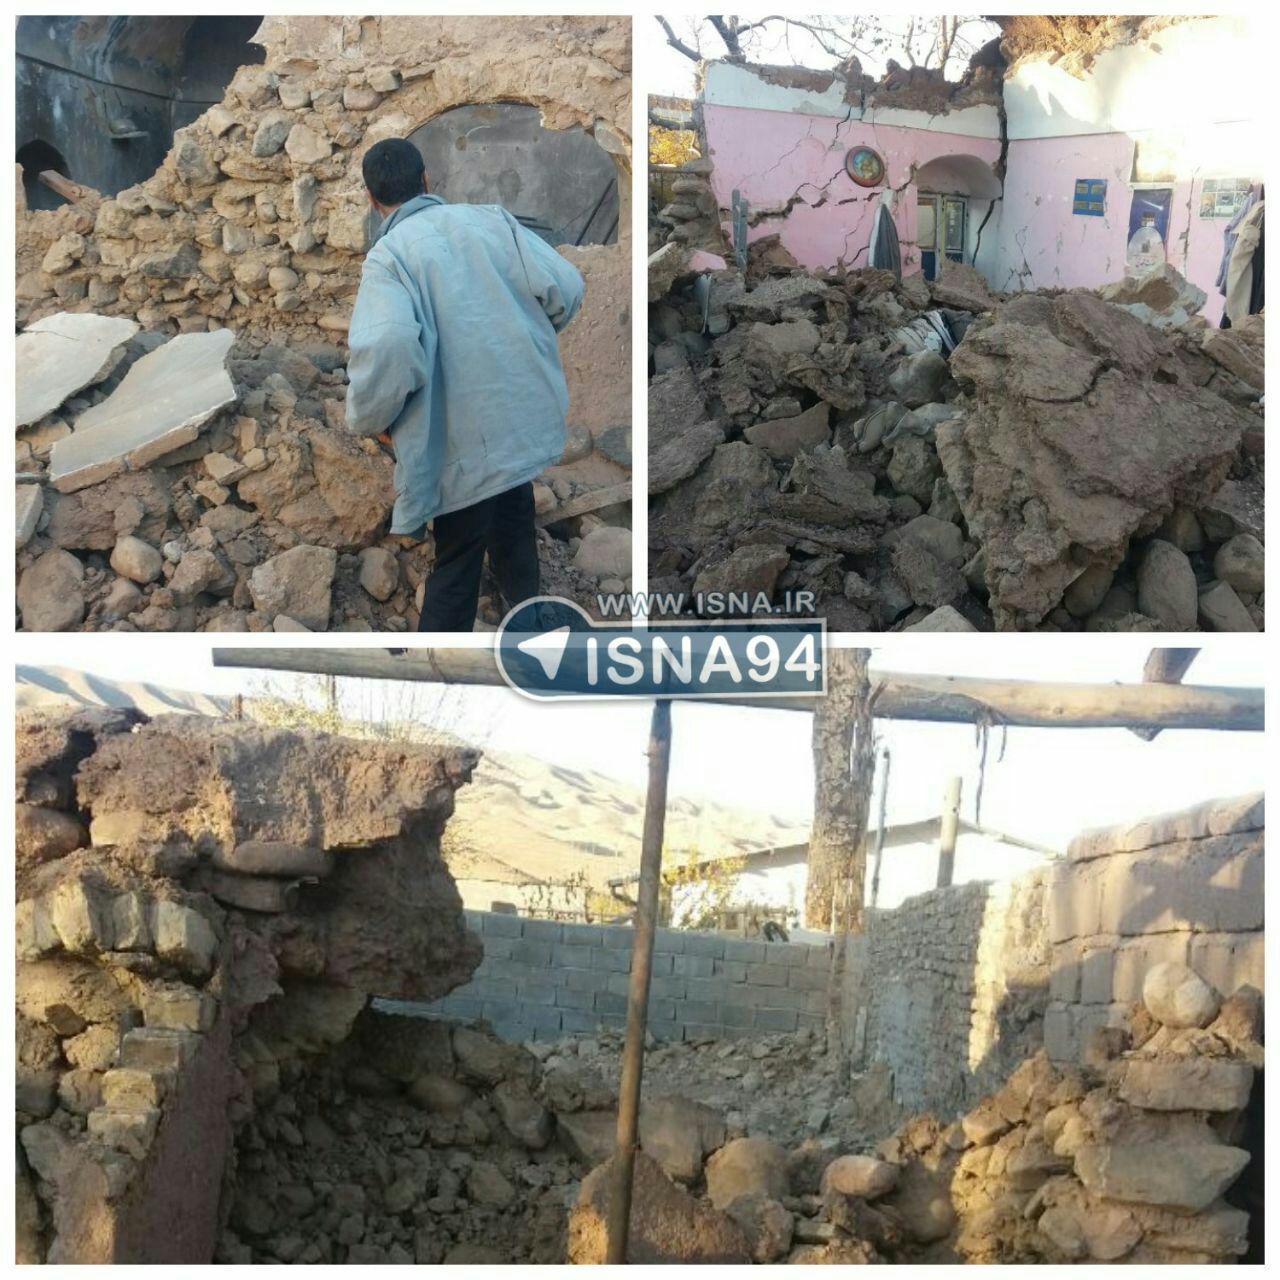 خسارت زلزله 6.1 ریشتری استان کرمان (عکس)